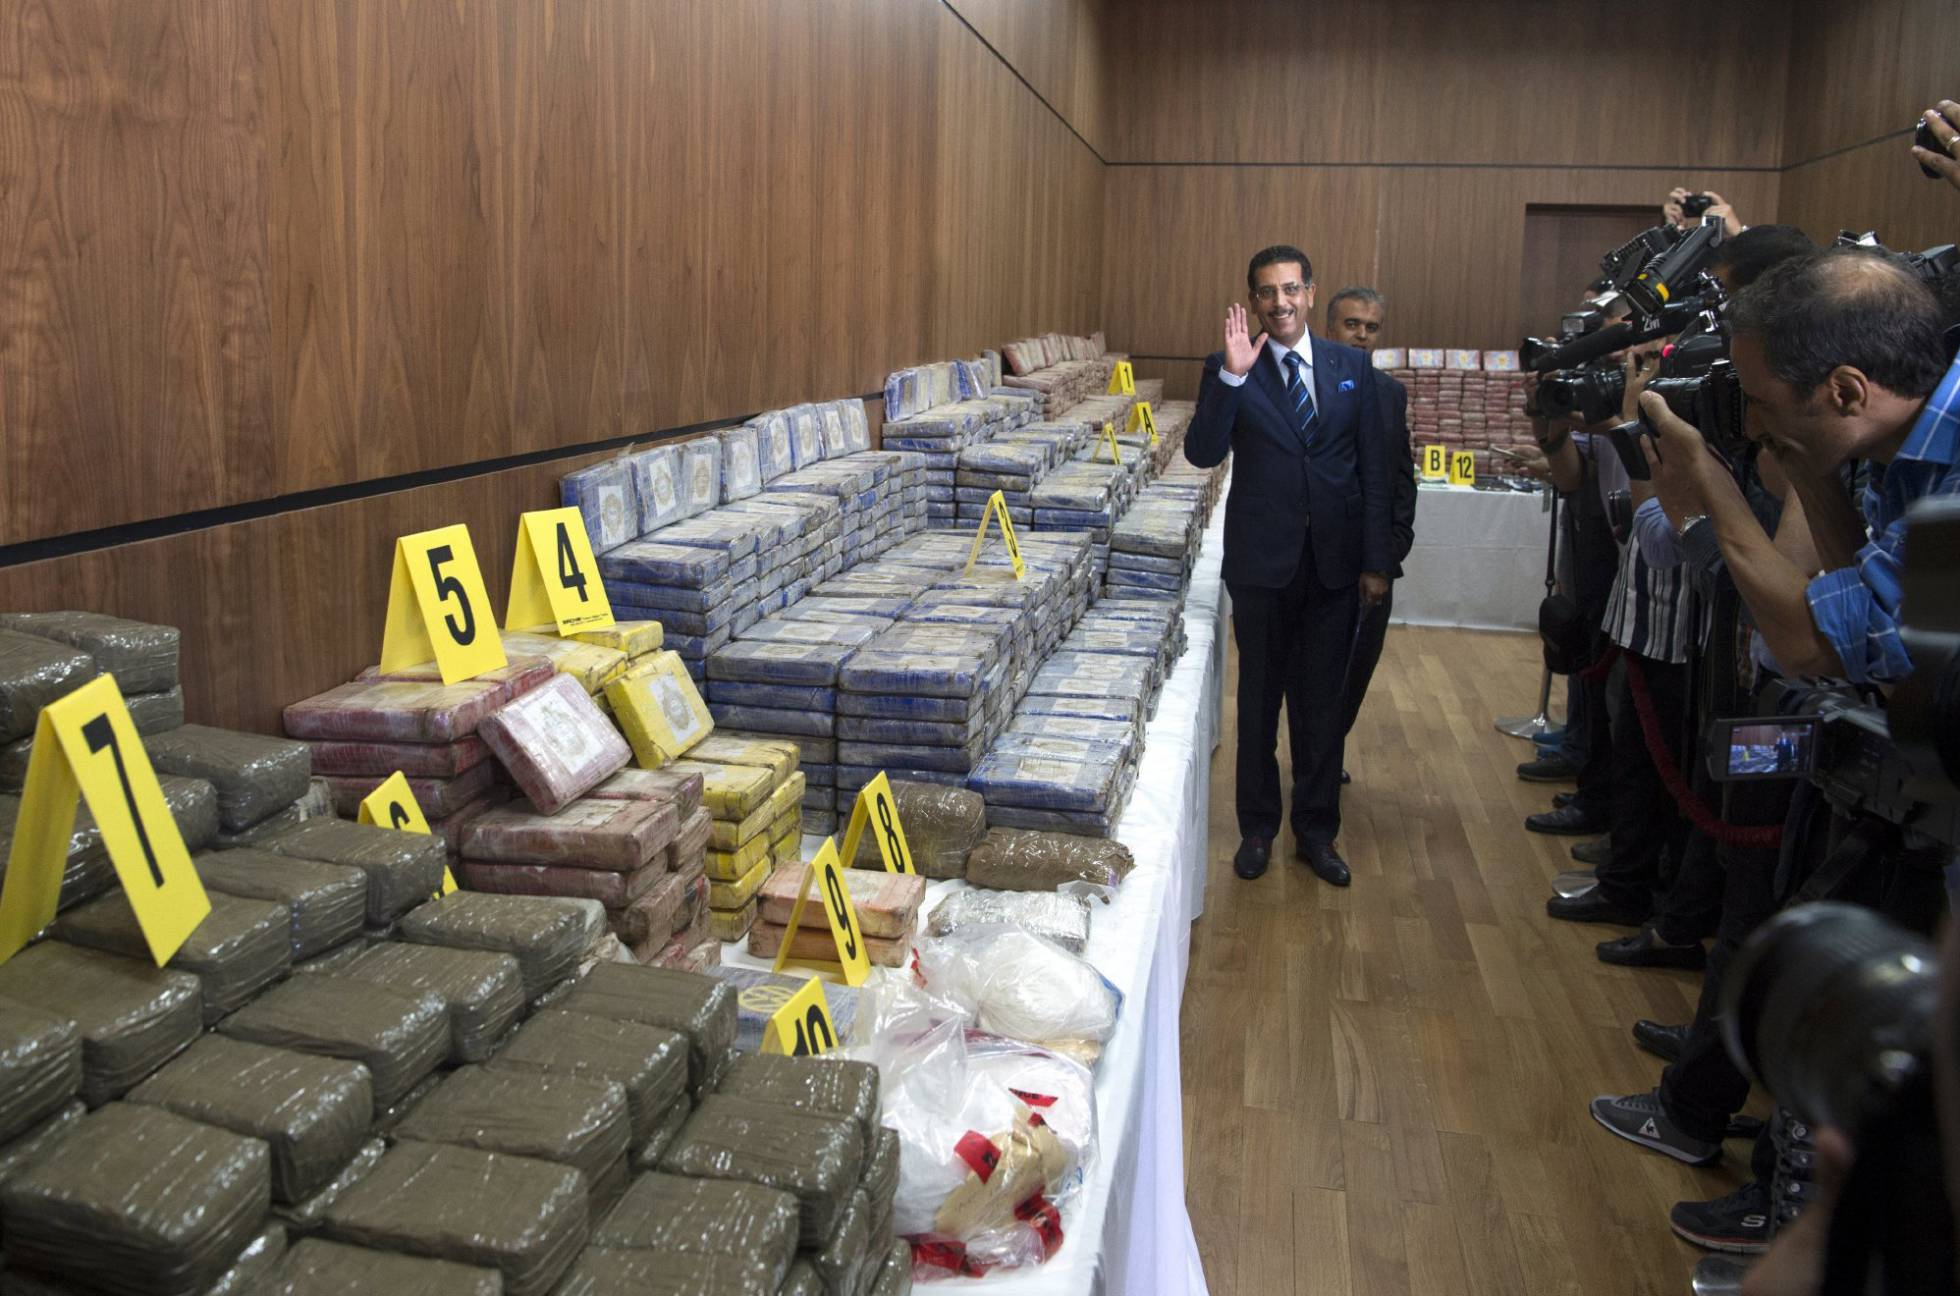 الخيام : شبكة الكوكايين لم تخترق الأمن و من ثبت تورطه سيحاسب أياً كان منصبه